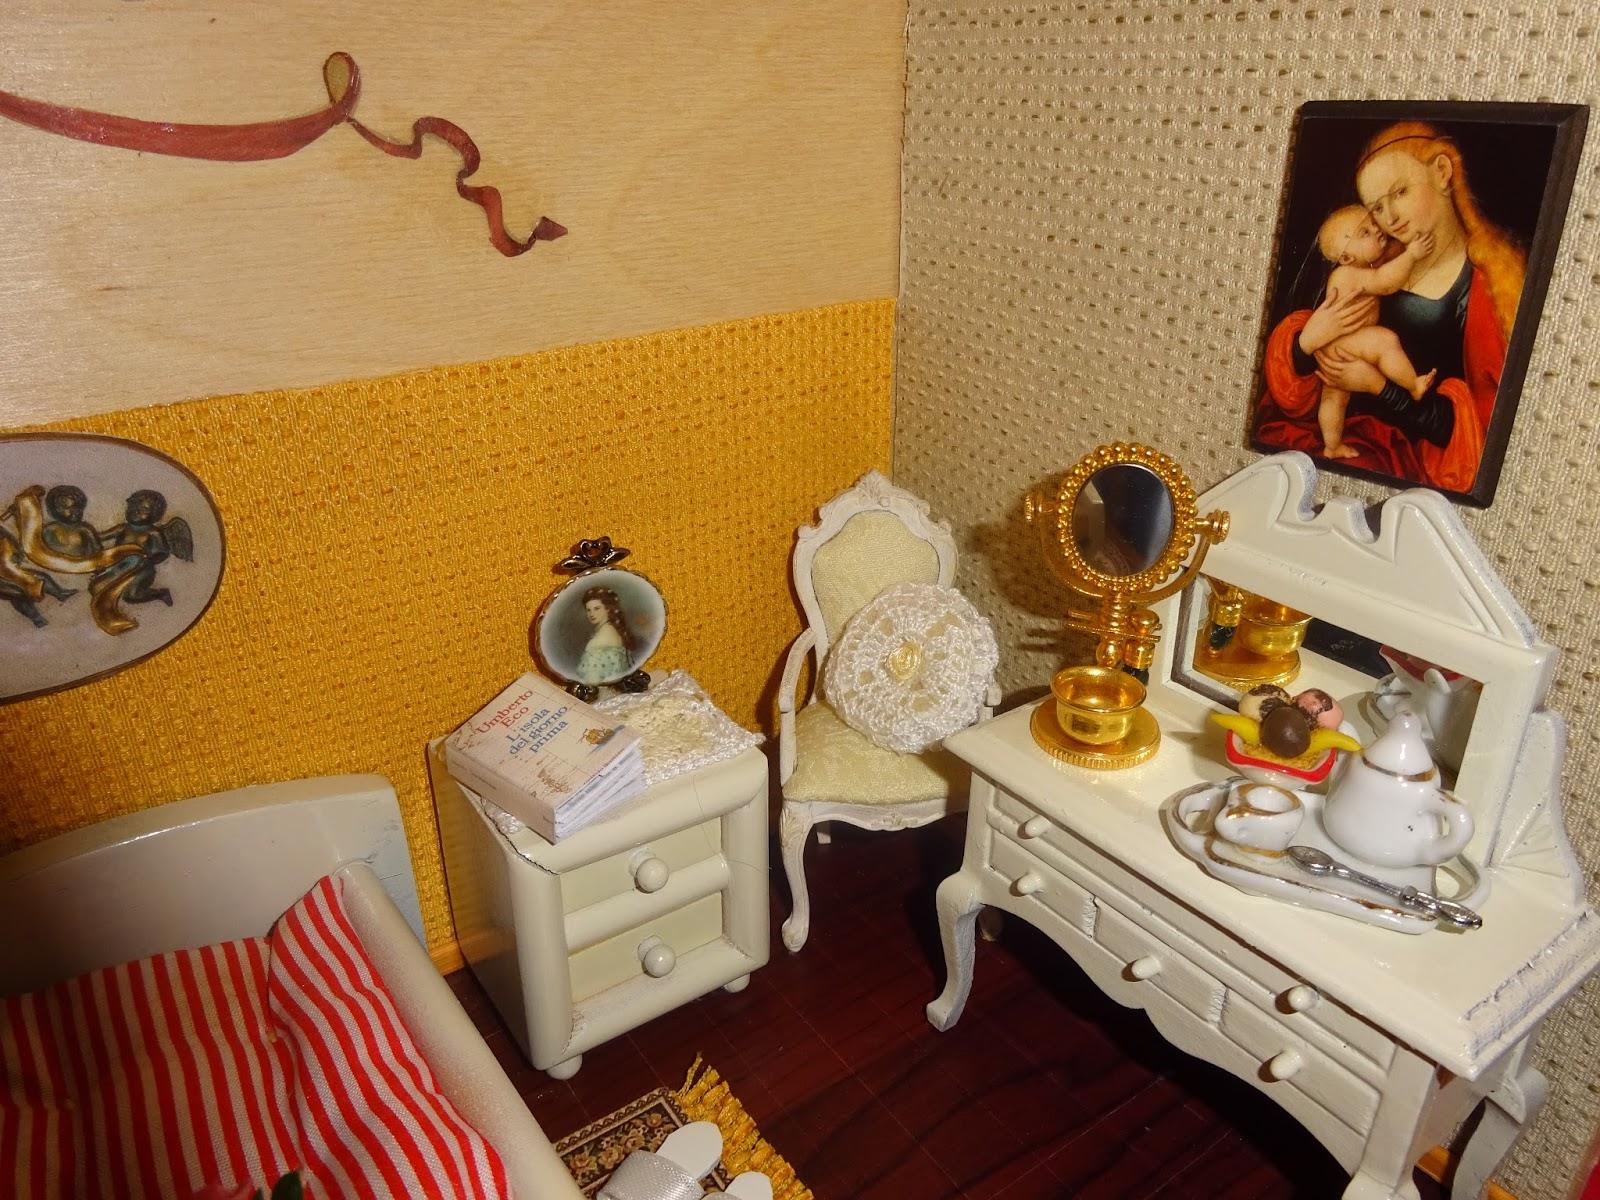 Le creazioni di susanna la camera da letto - Amici di letto chat ...